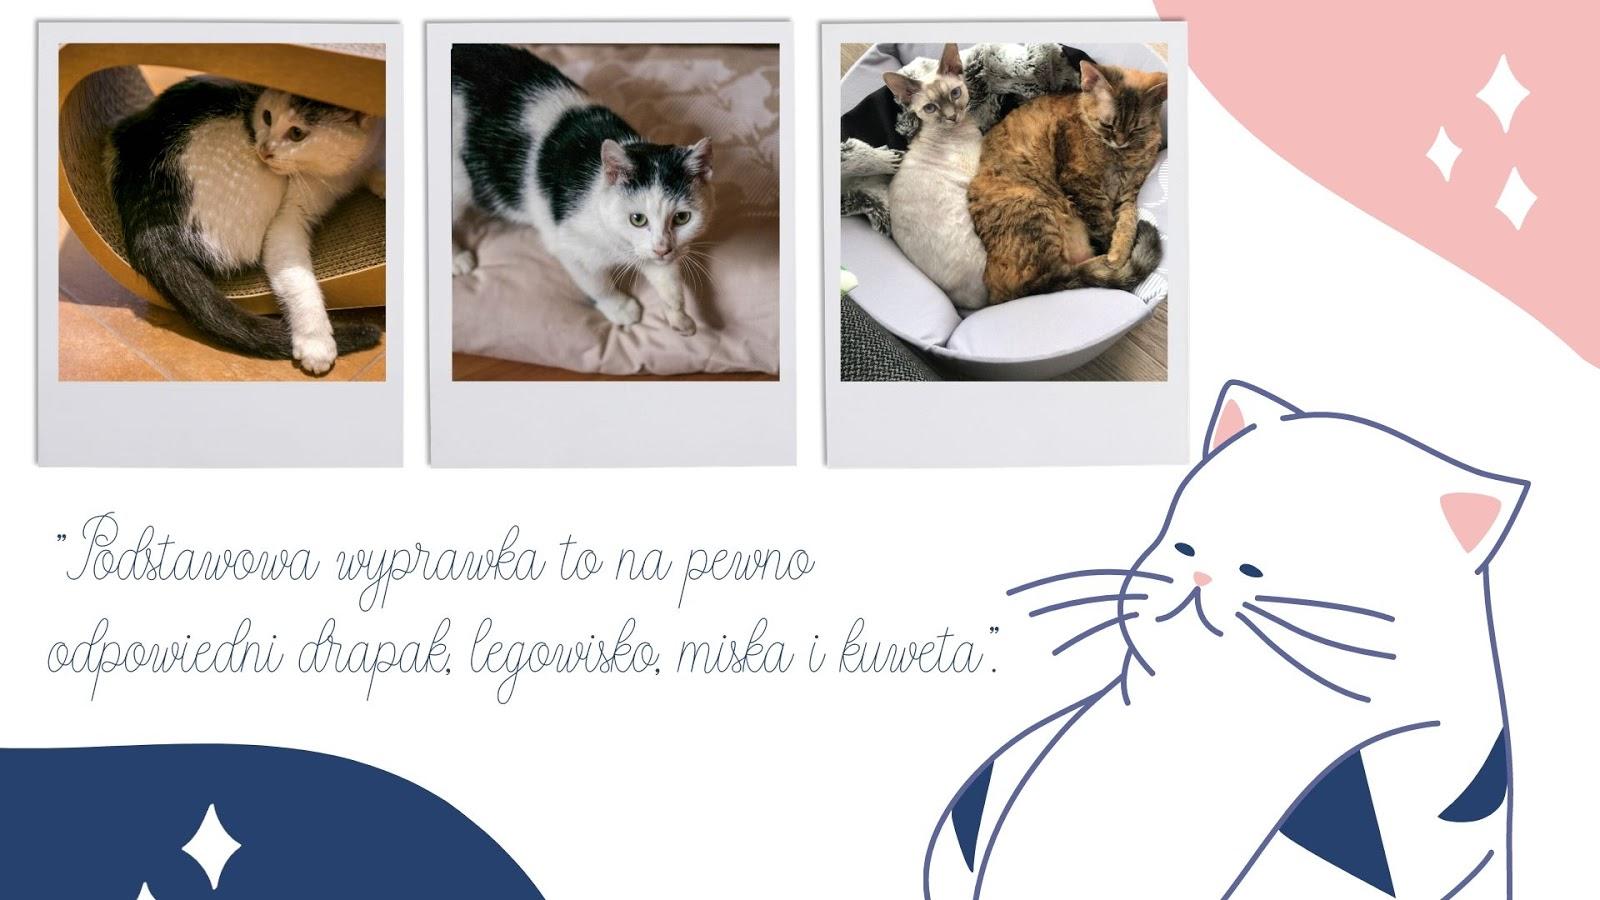 7 jaki drapak jaka poduszka jakie legowisko dla kota gdzie kupić wygodne tanie legowisko naturalne eko dla kota